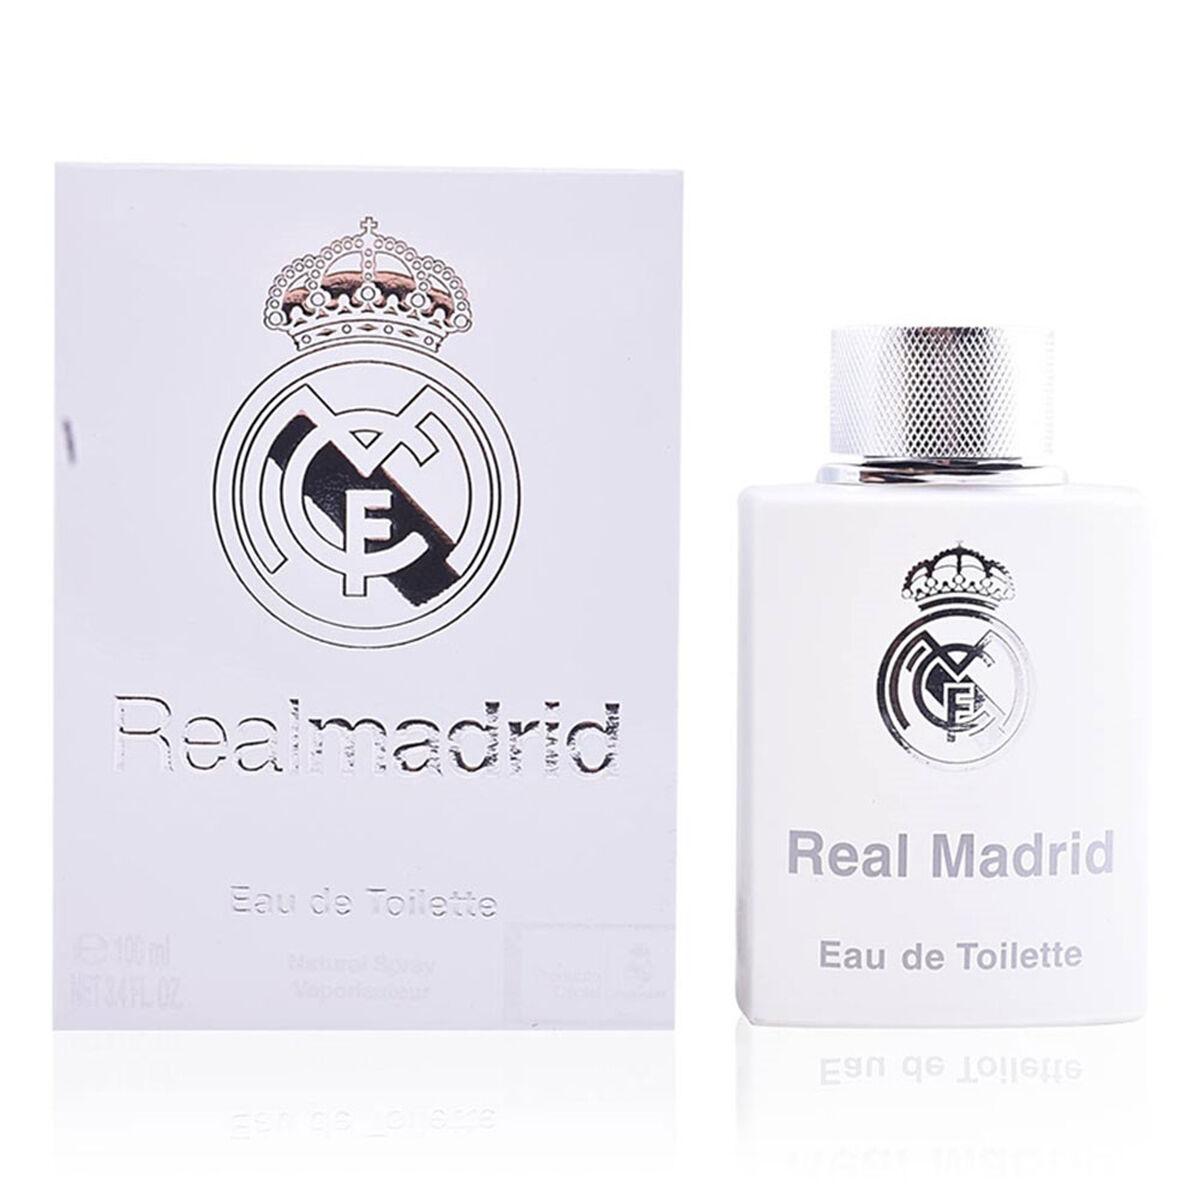 Perfume Foodball Real Madrid